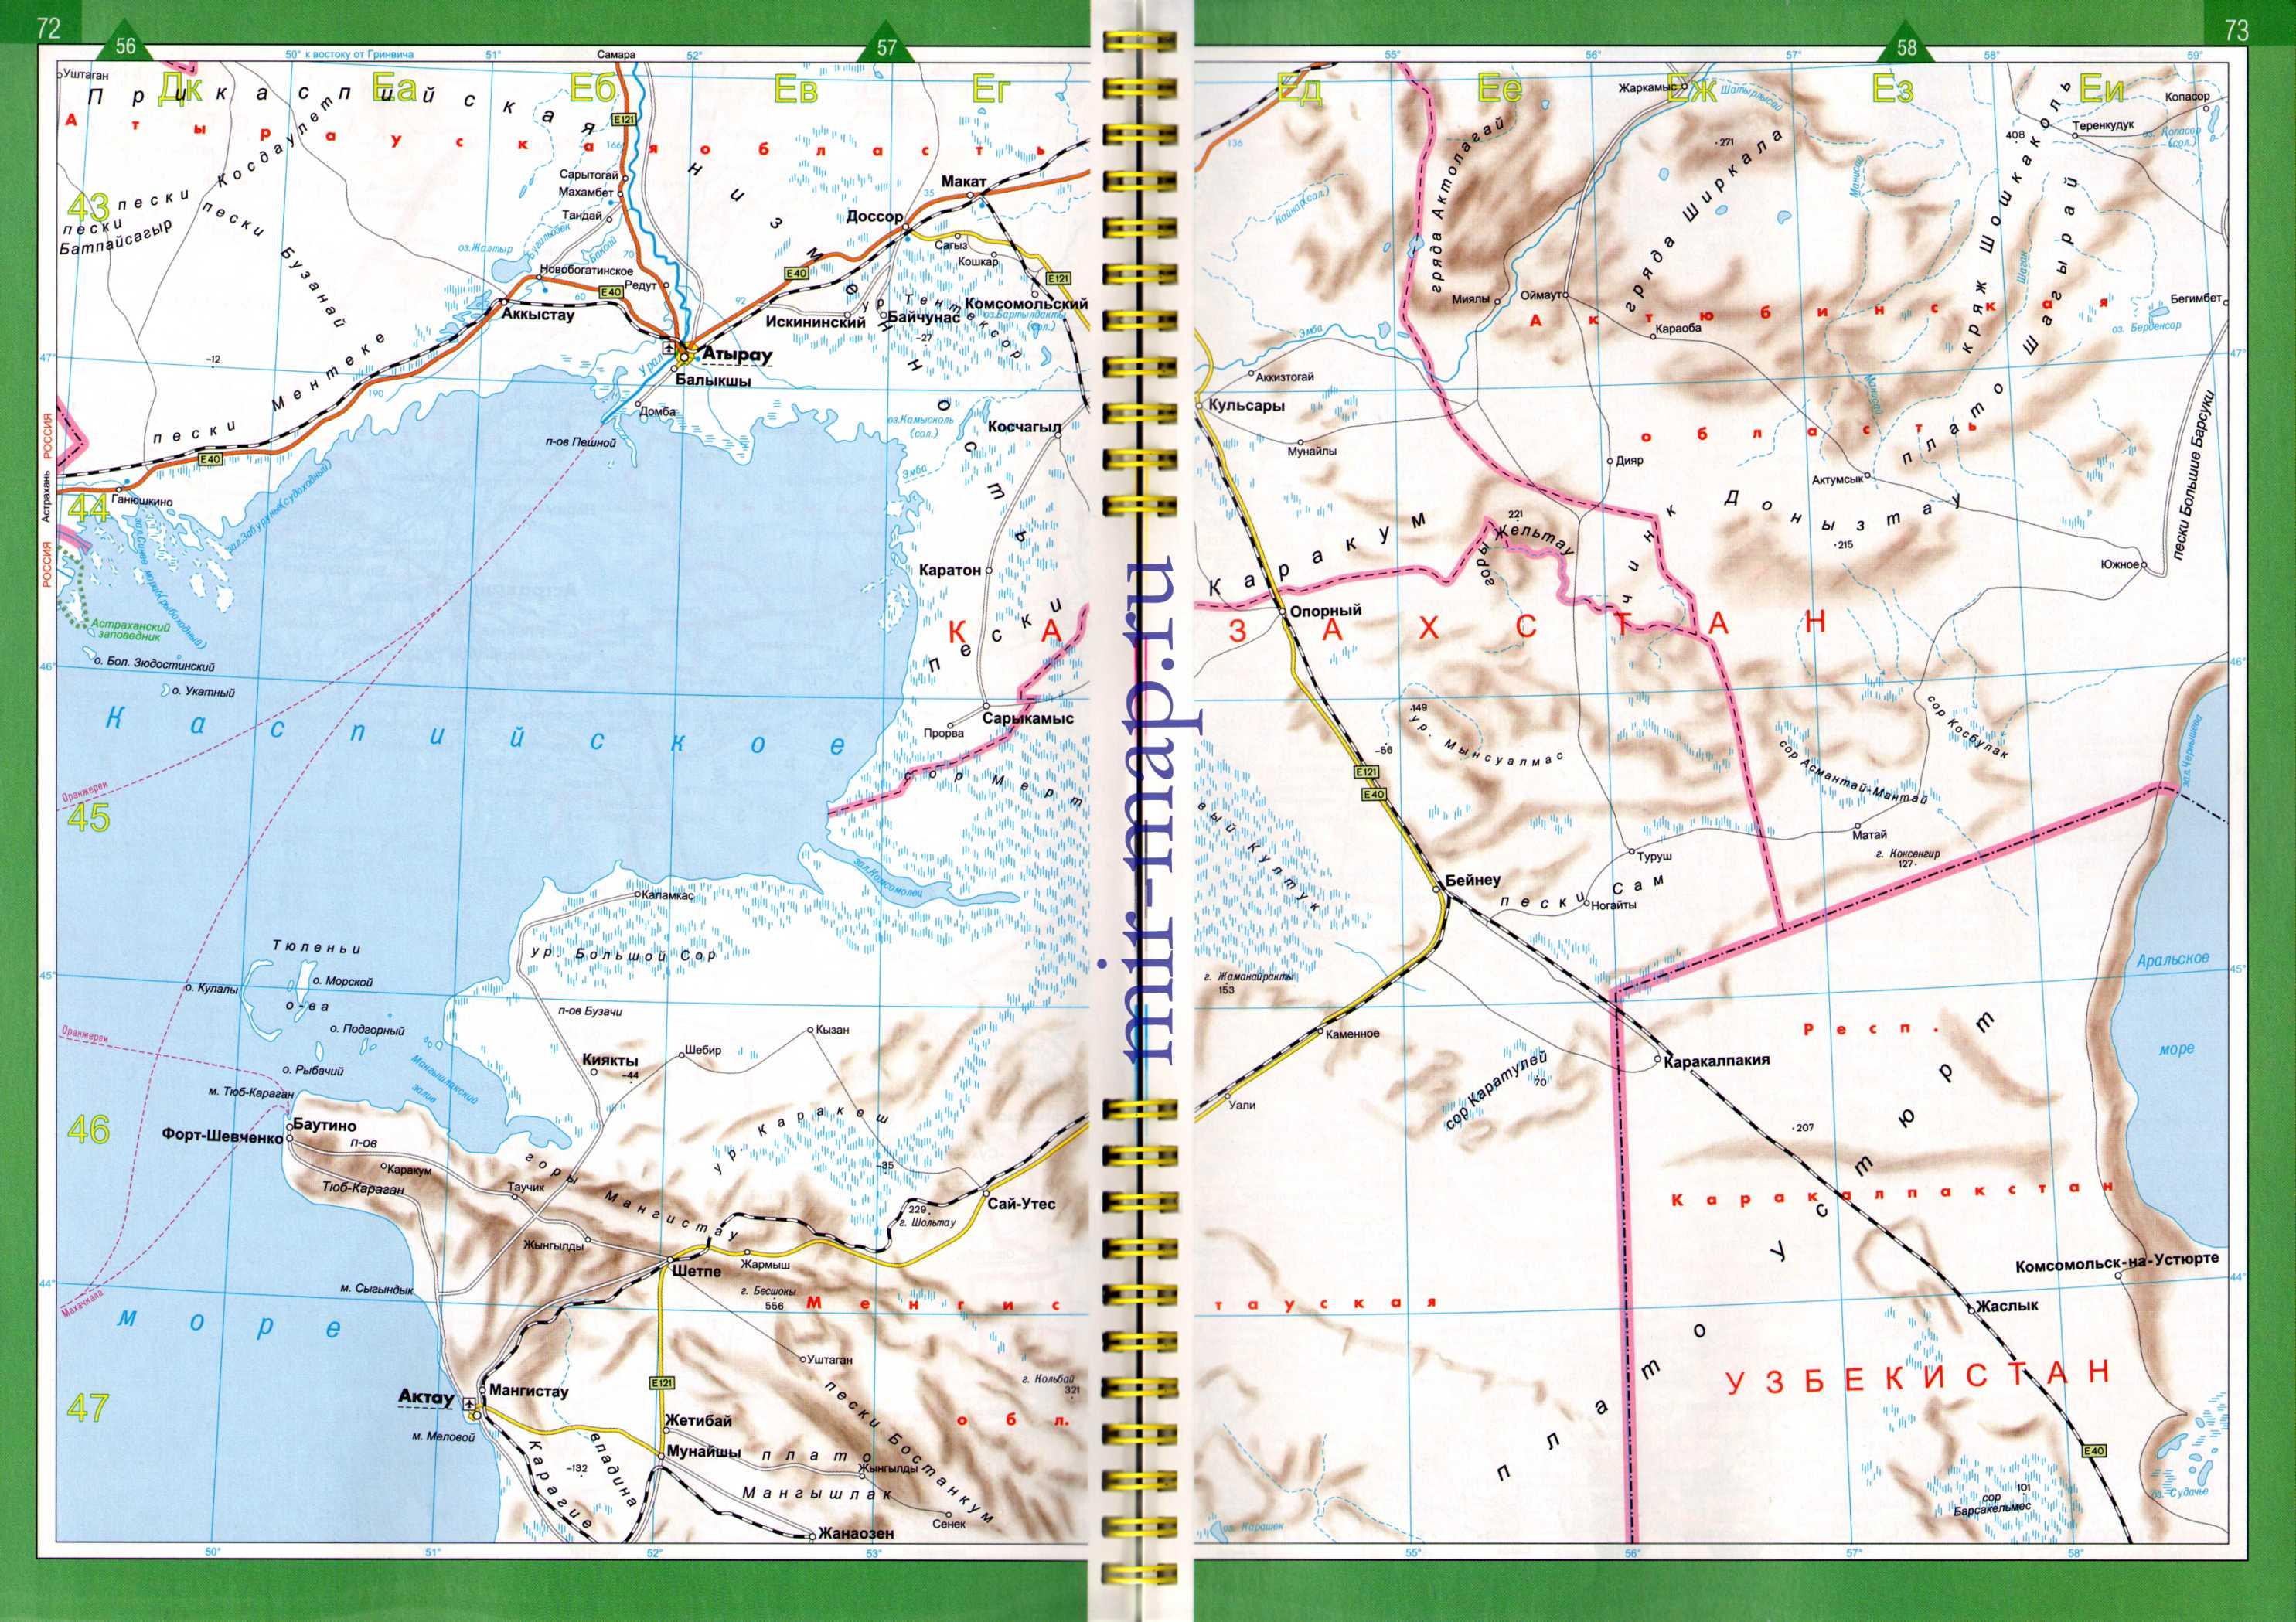 Read more.  425кб другие карты мира 45 mmorpg описания и географическая карта мира и Казахстана.  Collapse.